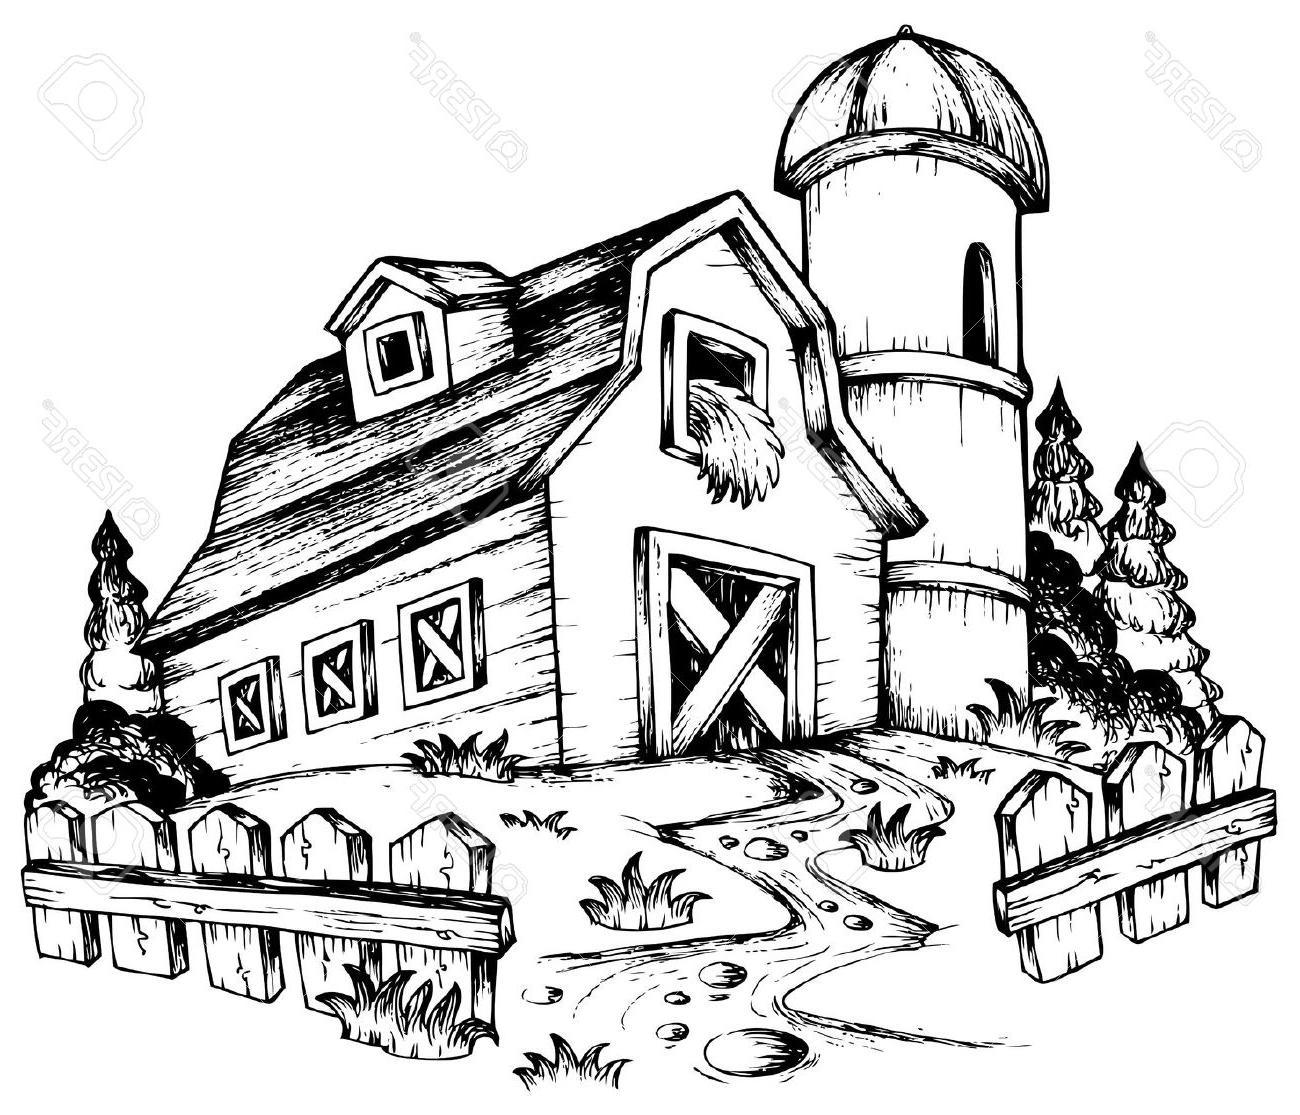 Barn clipart drawing. Barns at getdrawings com